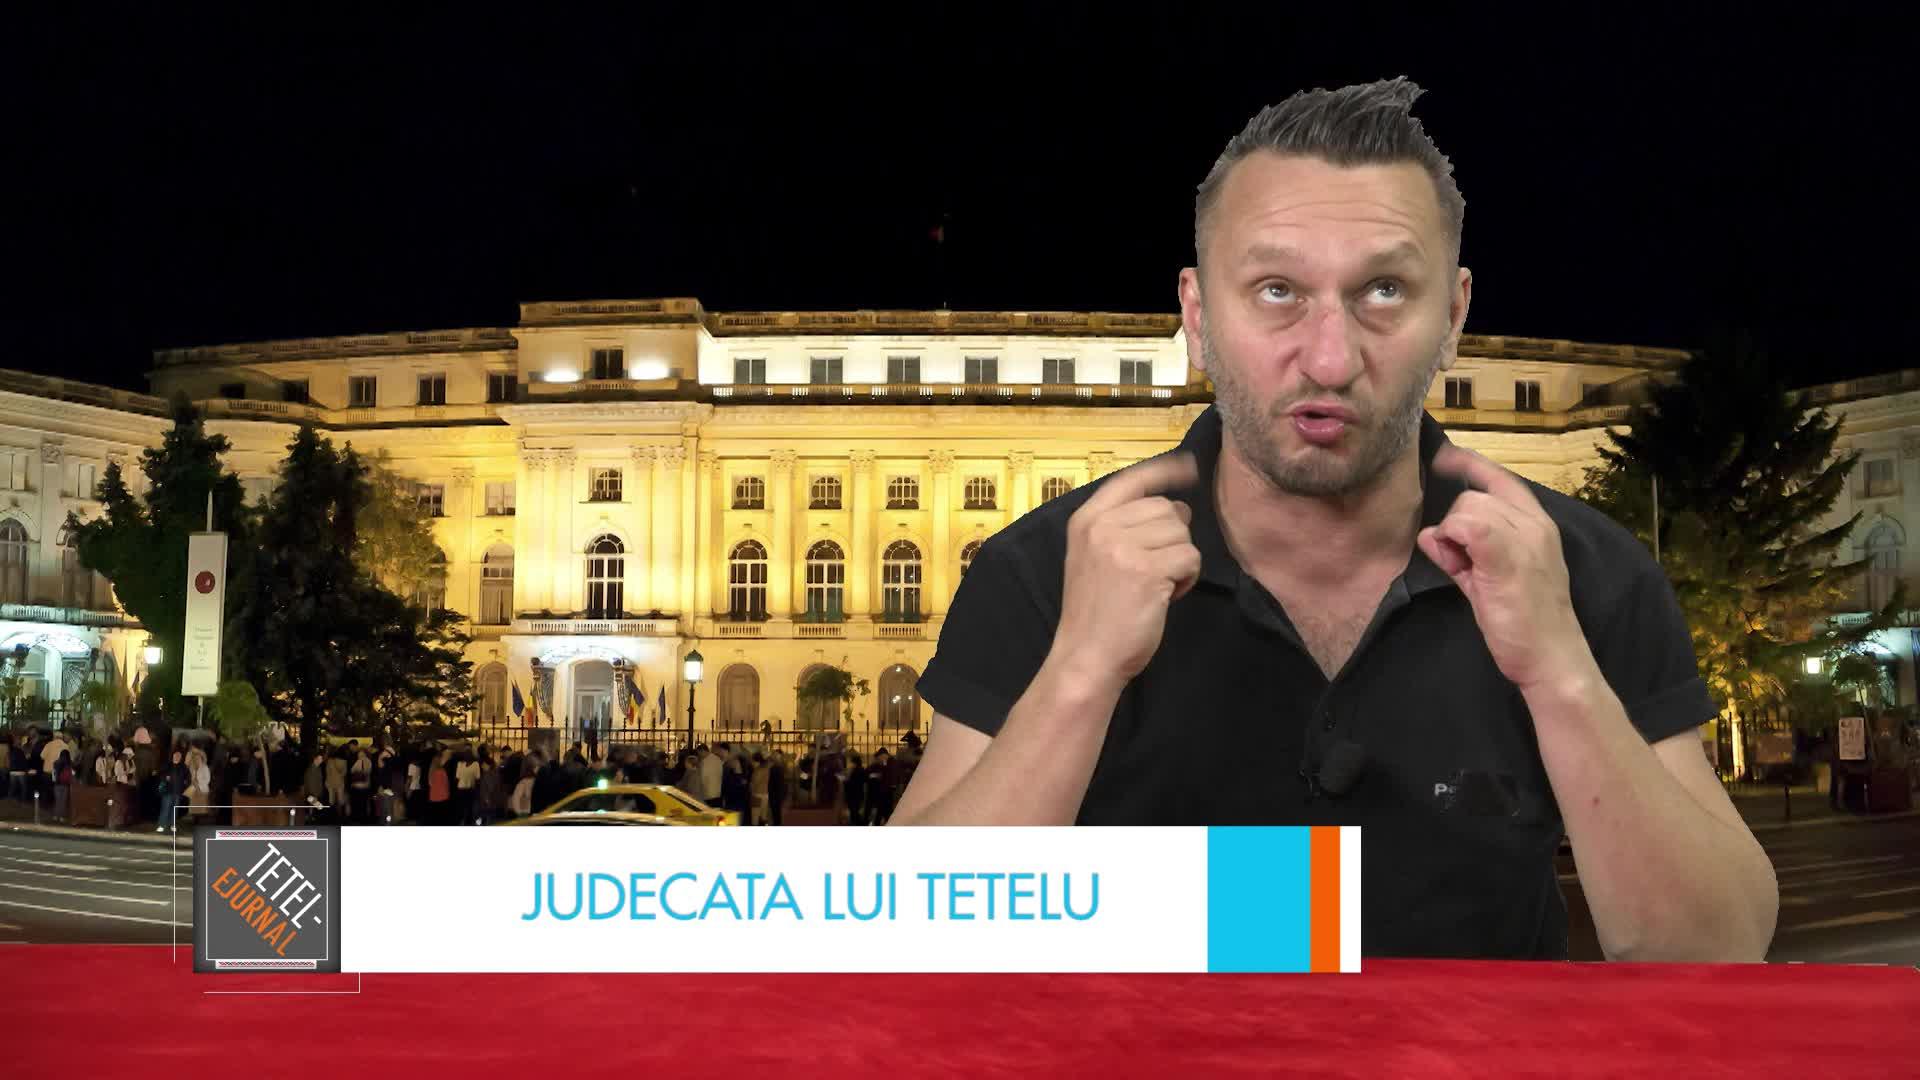 Judecata lui Tetelu: Scheletul lui Grindeanu